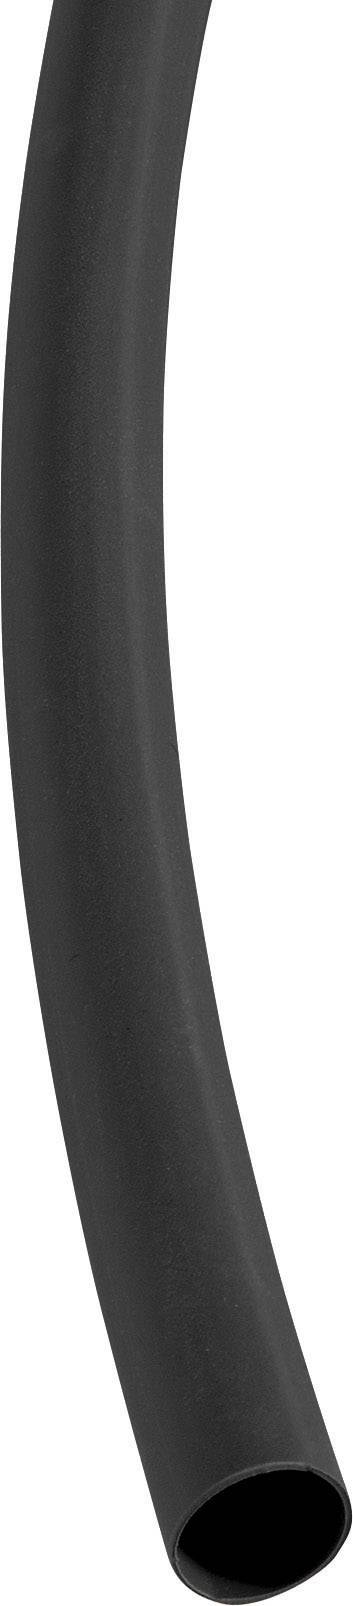 Smršťovací bužírka 9/3 mm, černá